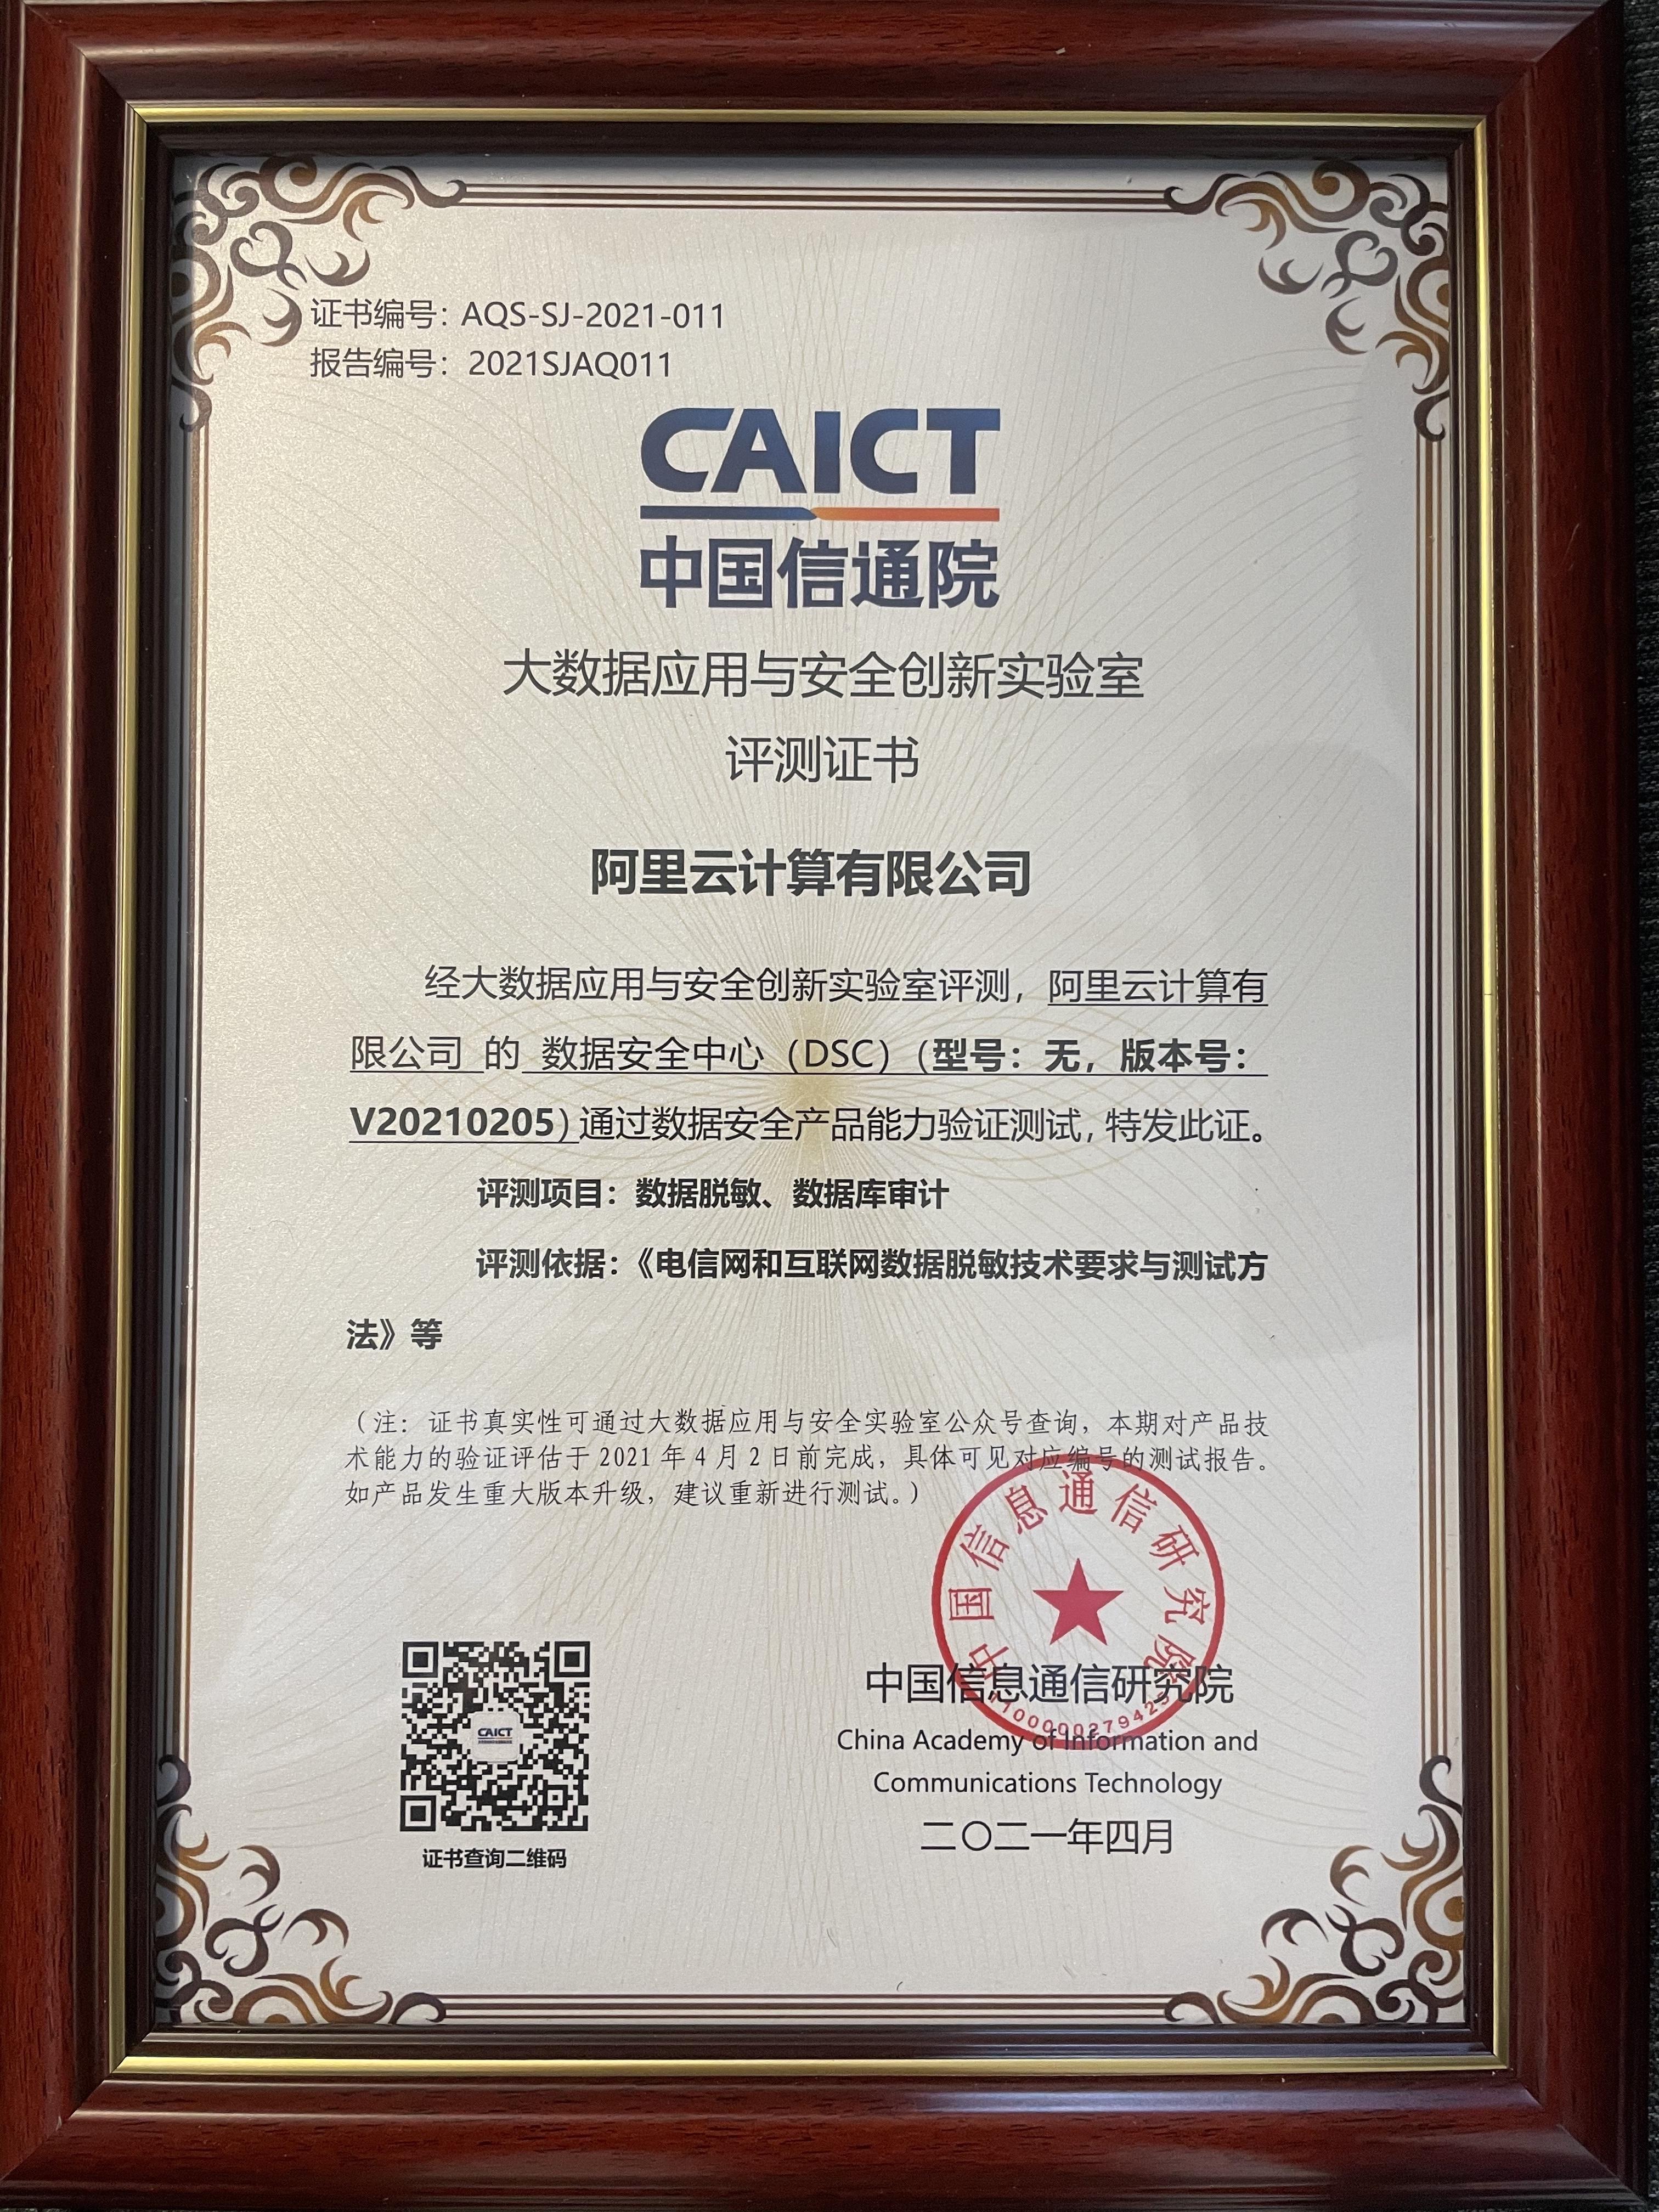 阿里云数据安全产品能力通过中国信通院验证测试!